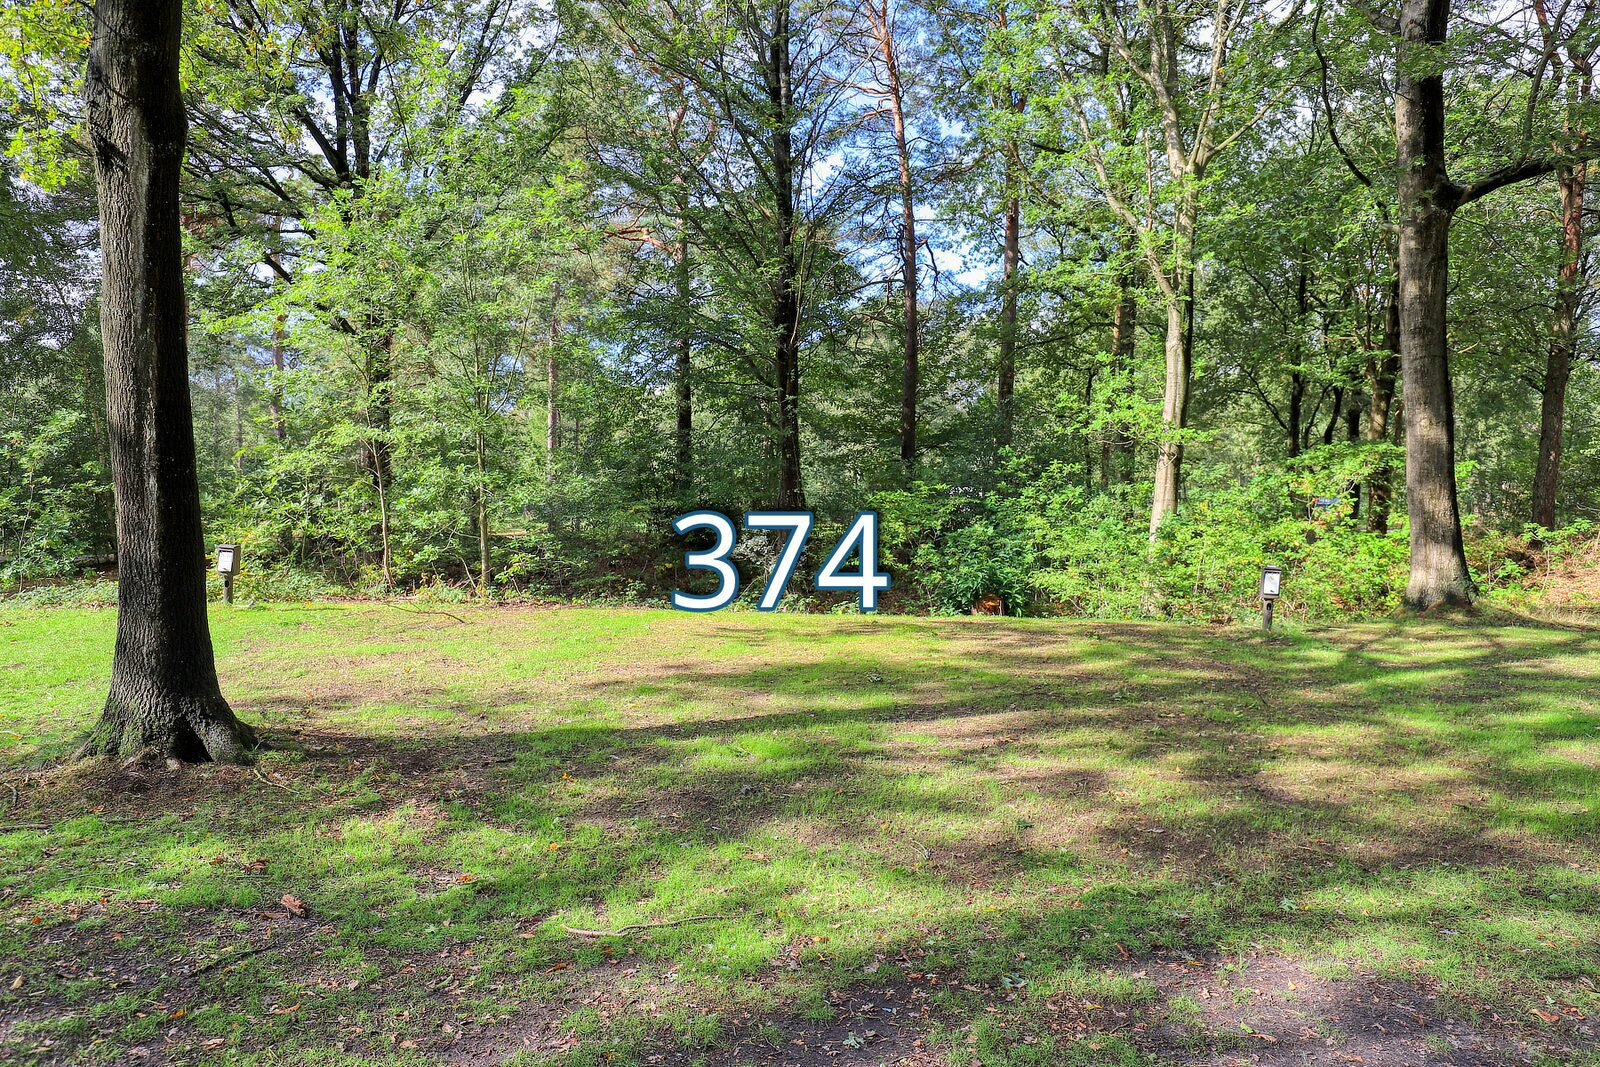 houtduif 374